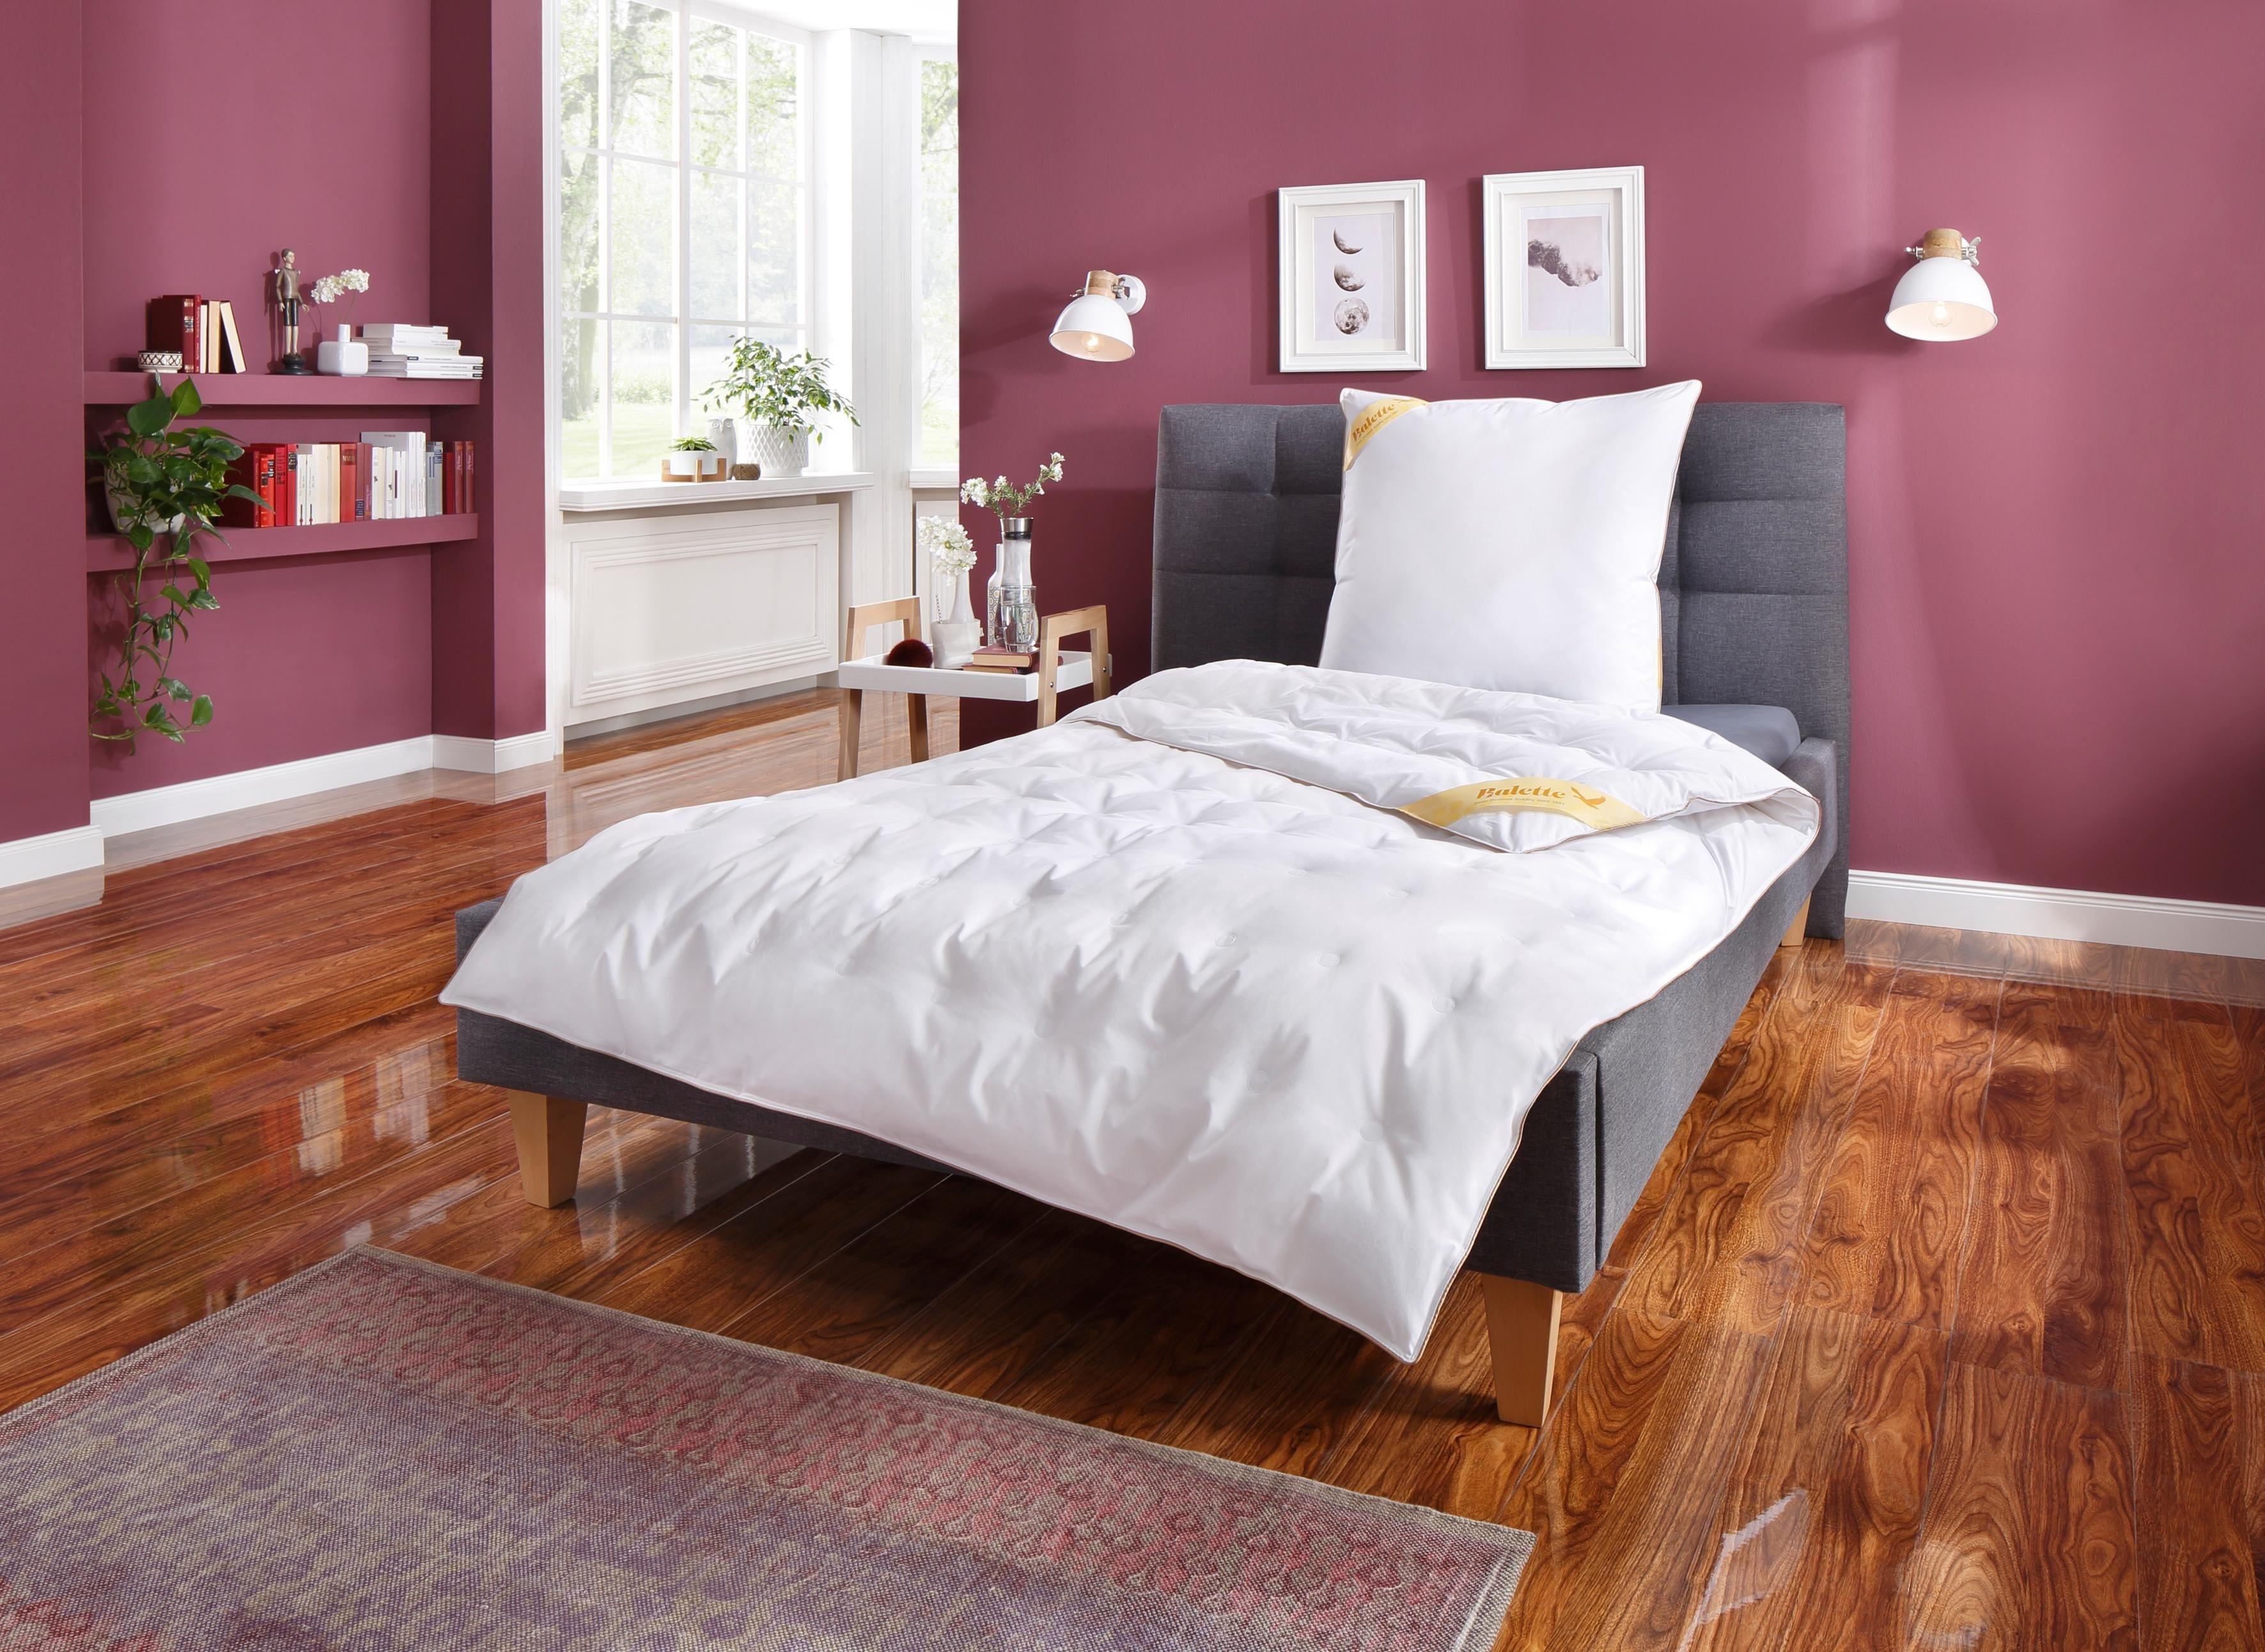 Daunenbettdecke, »Aileen«, Balette 135 Jahre, leicht, (2-tlg) | Heimtextilien > Decken und Kissen > Bettdecken | Balette 135 Jahre